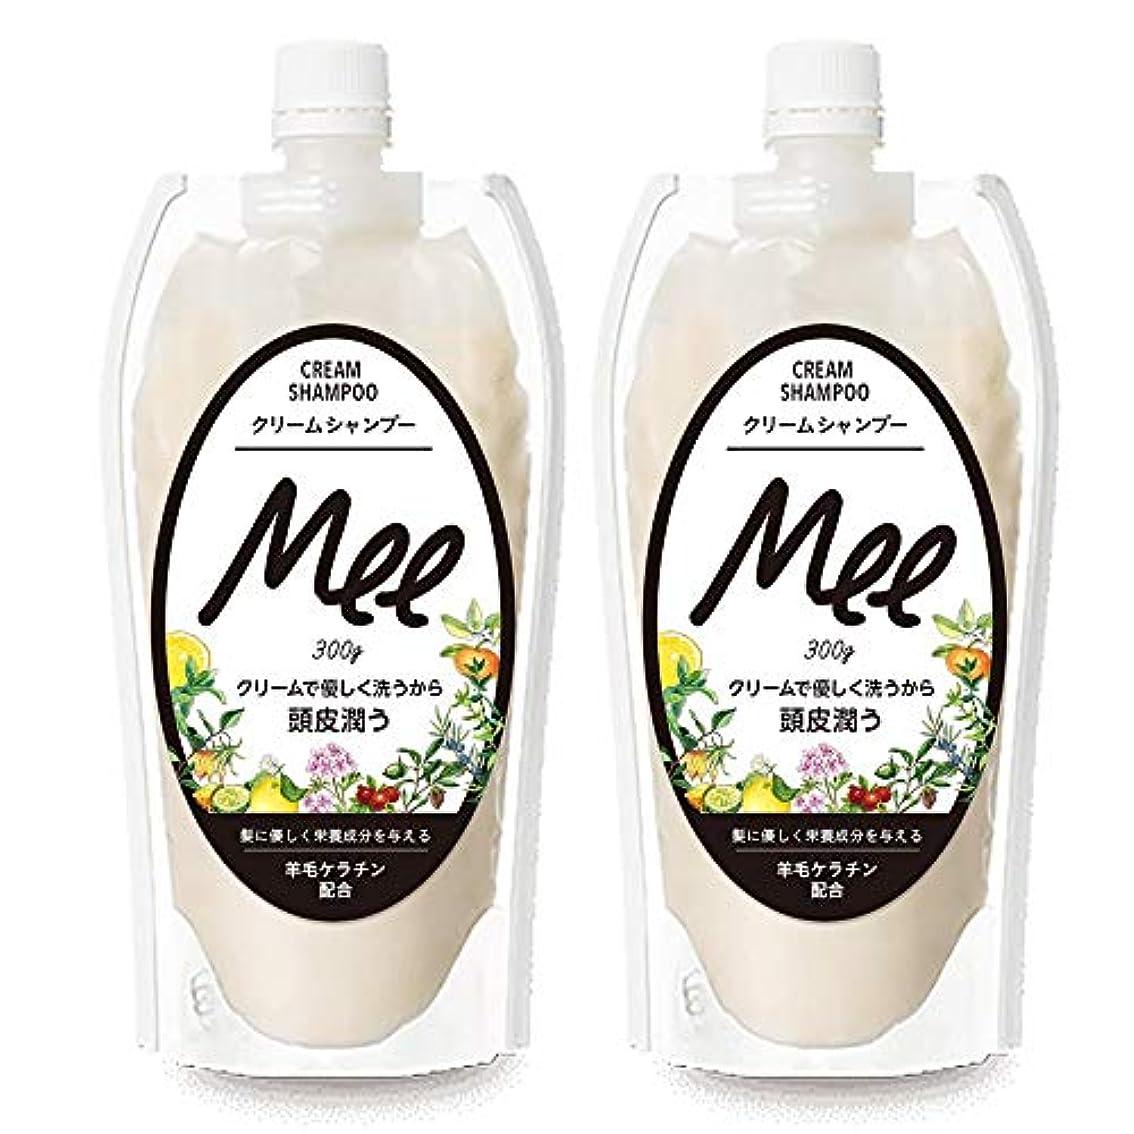 ことわざ受取人地平線まとめ買い【2個組】 NEW!! 洗えるトリートメントMEE Mee 300g×2個SET クリームシャンプー 皮脂 乾燥肌 ダメージケア 大容量 時短 フケ かゆみ